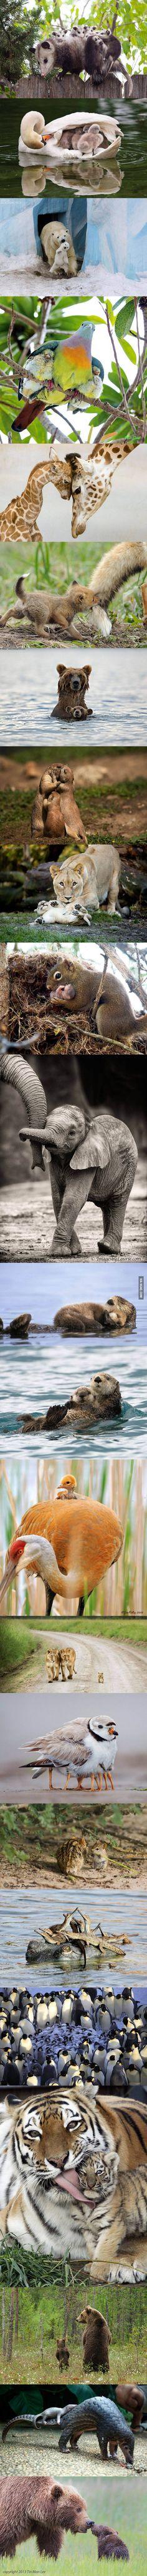 เรียนภาษาอังกฤษ ความรู้ภาษาอังกฤษ ทำอย่างไรให้เก่งอังกฤษ  Lingo Think in English!! :): Animal parenthood = cuteness overload